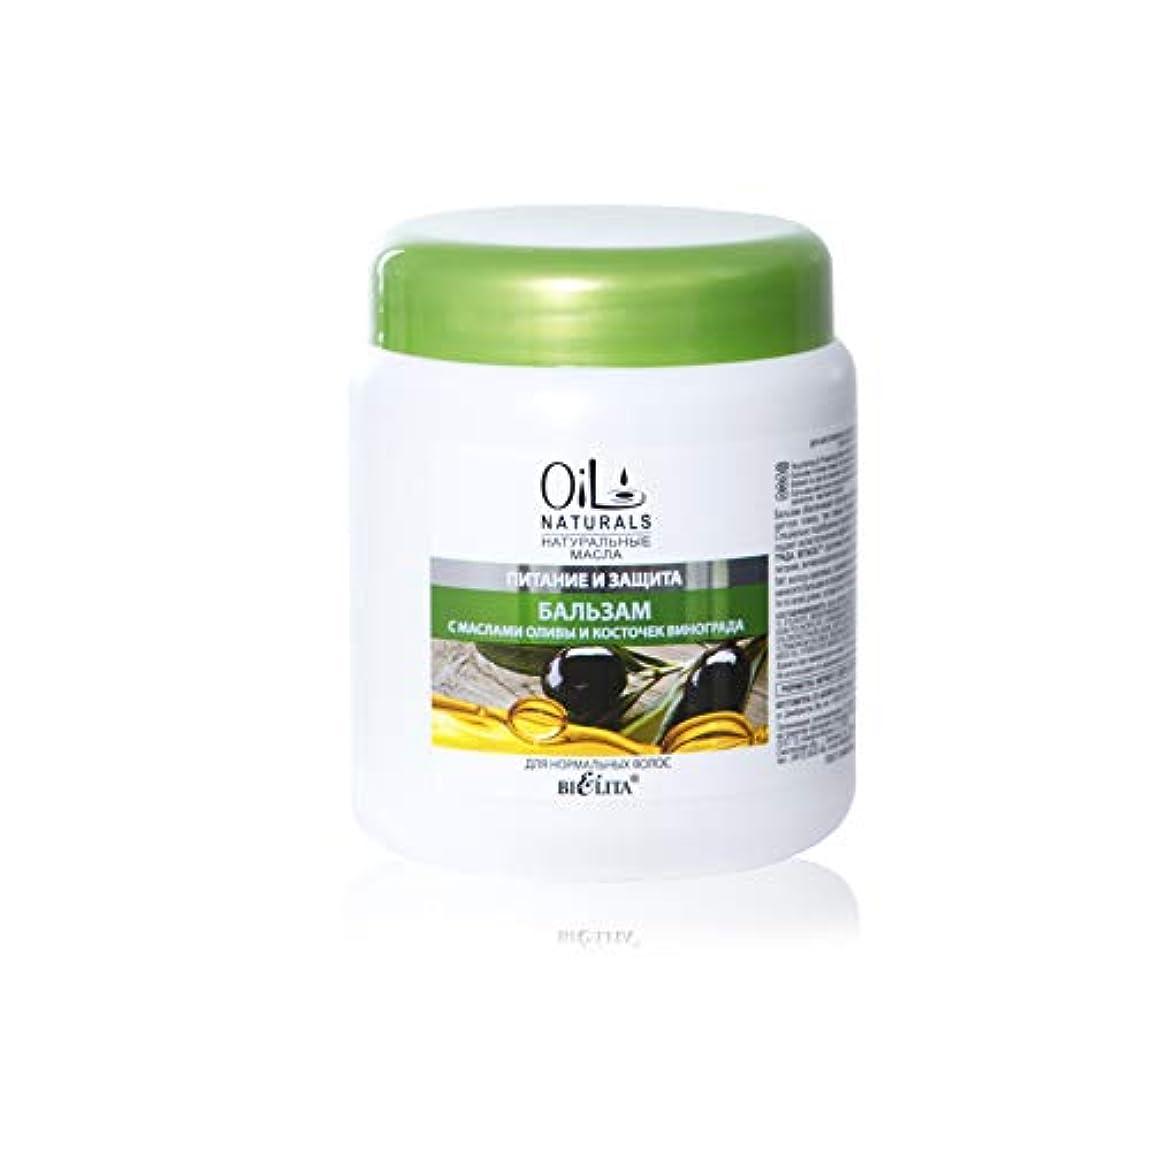 寸法堀熟練したBielita & Vitex Oil Naturals Line | Nutrition & Protection Balm for Normal Hair, 450 ml | Grape Seed Oil, Silk...